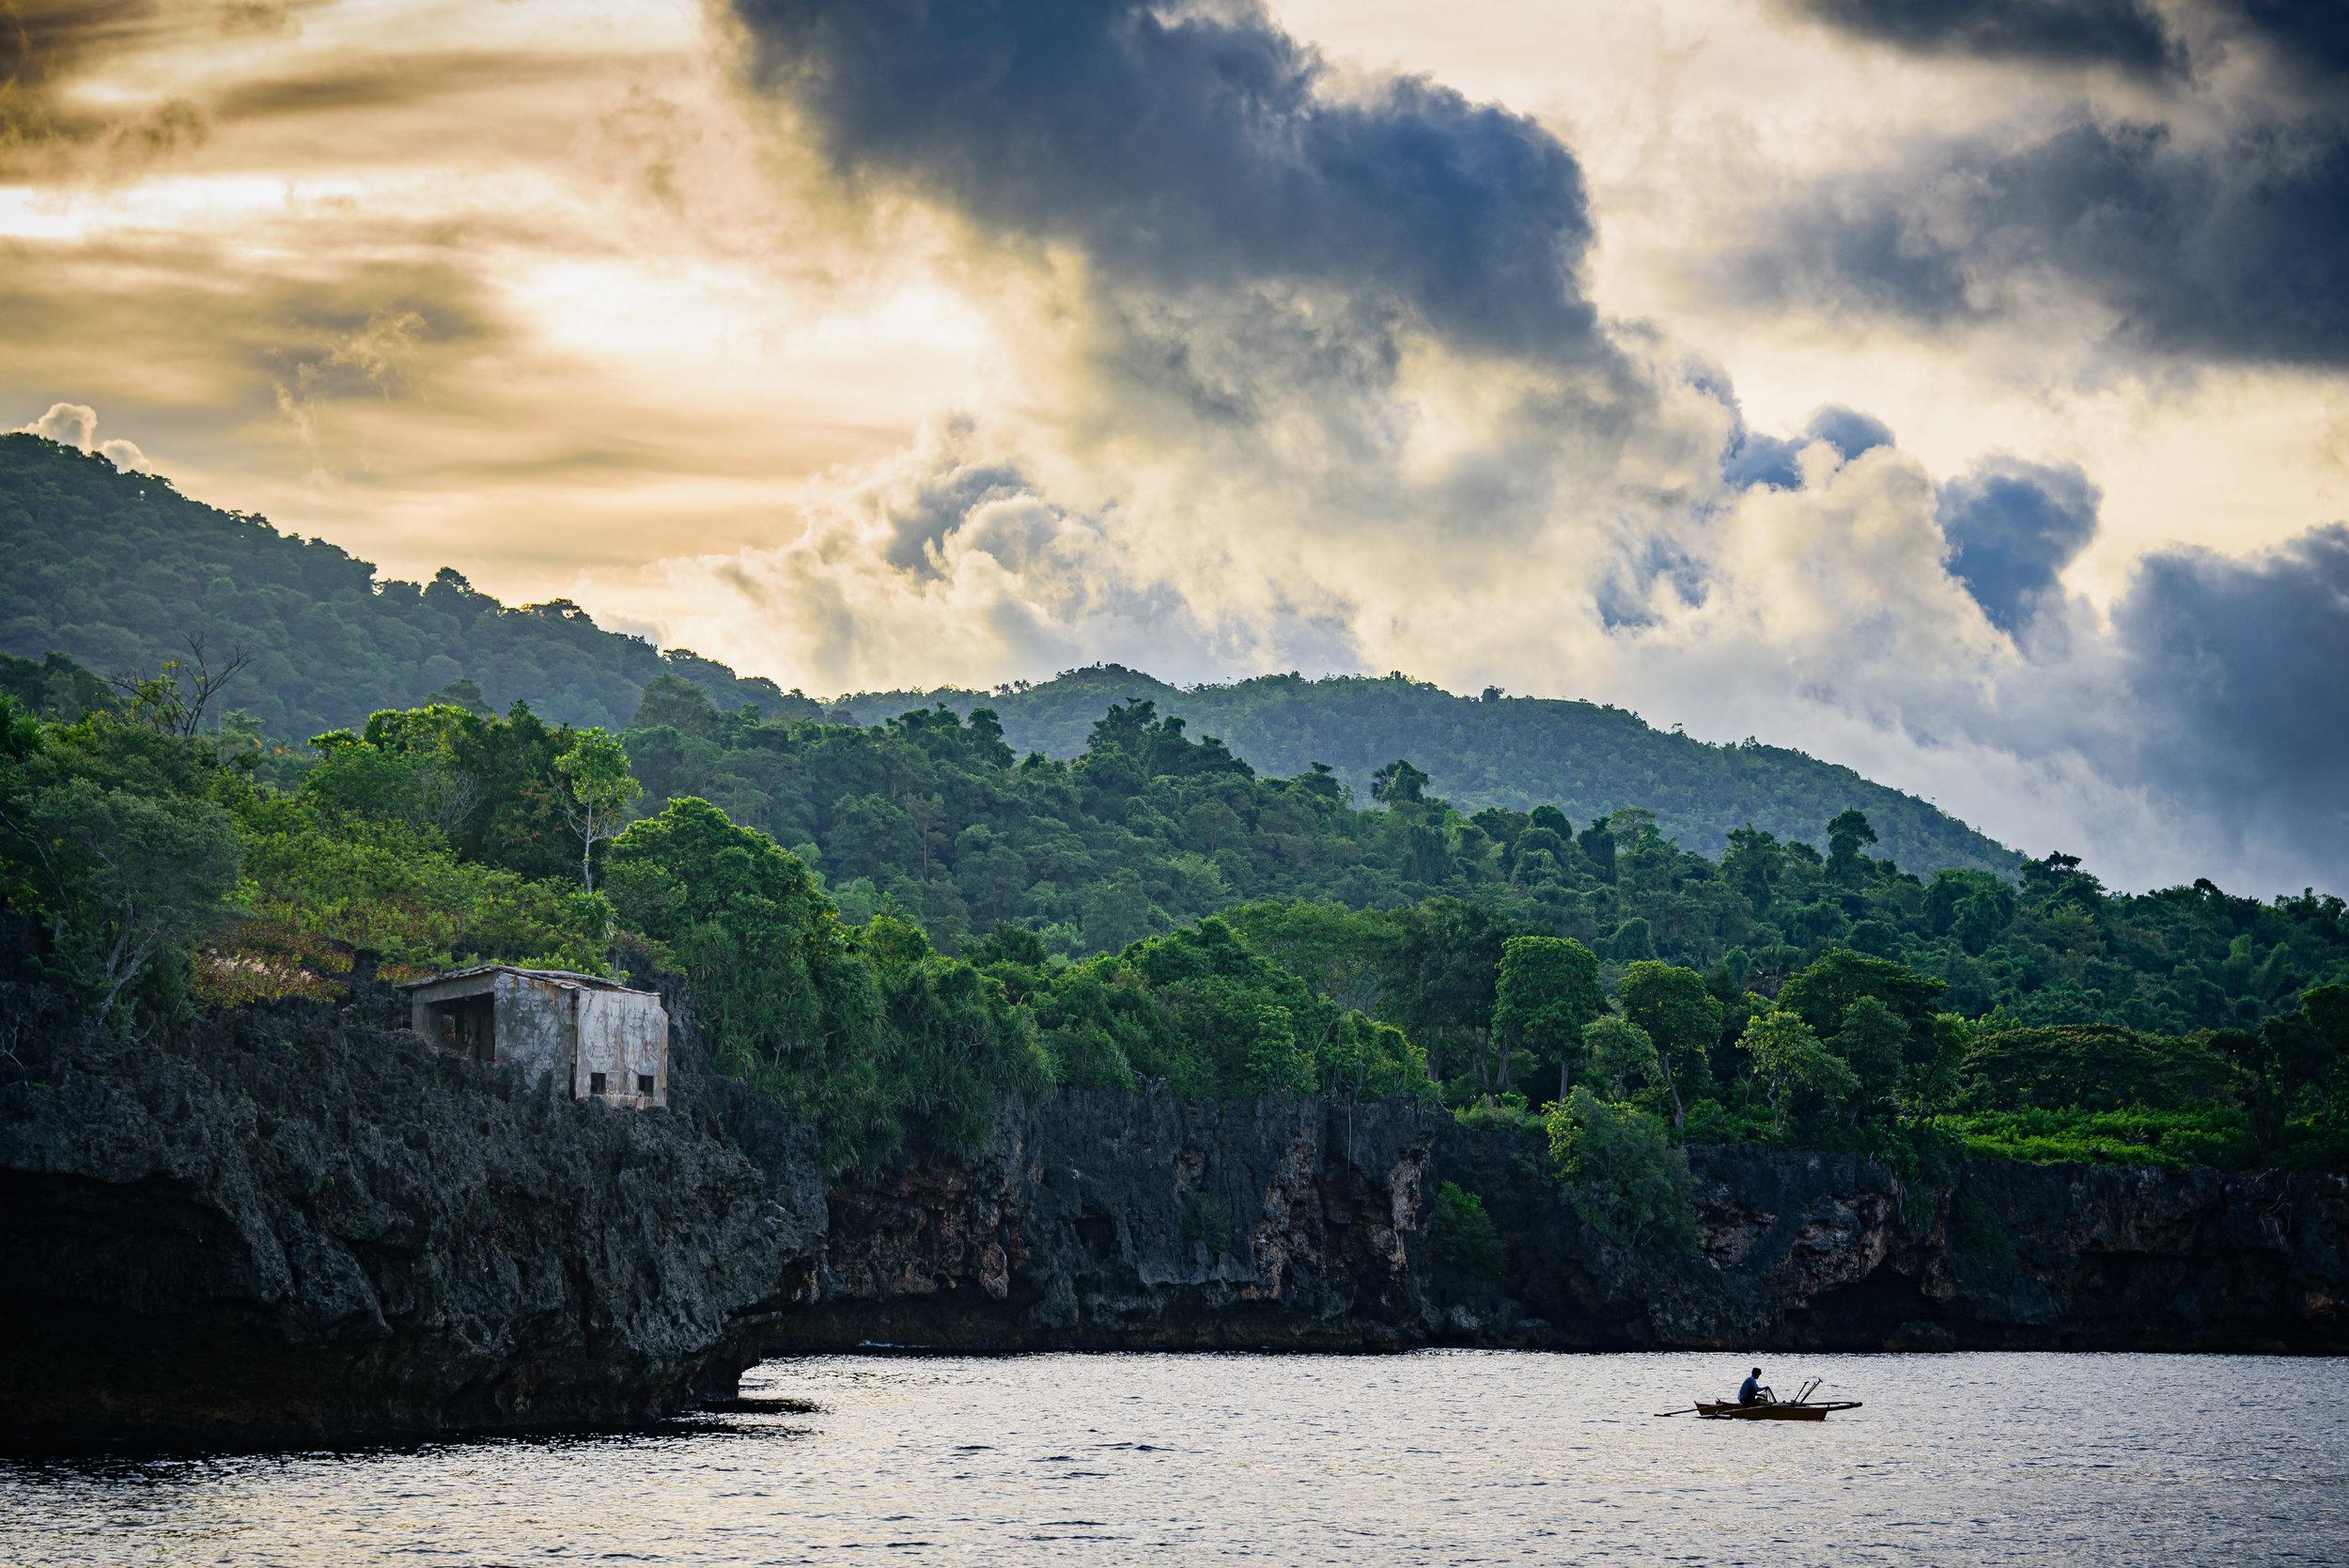 Sunrise over Siquijor Island, Philippines